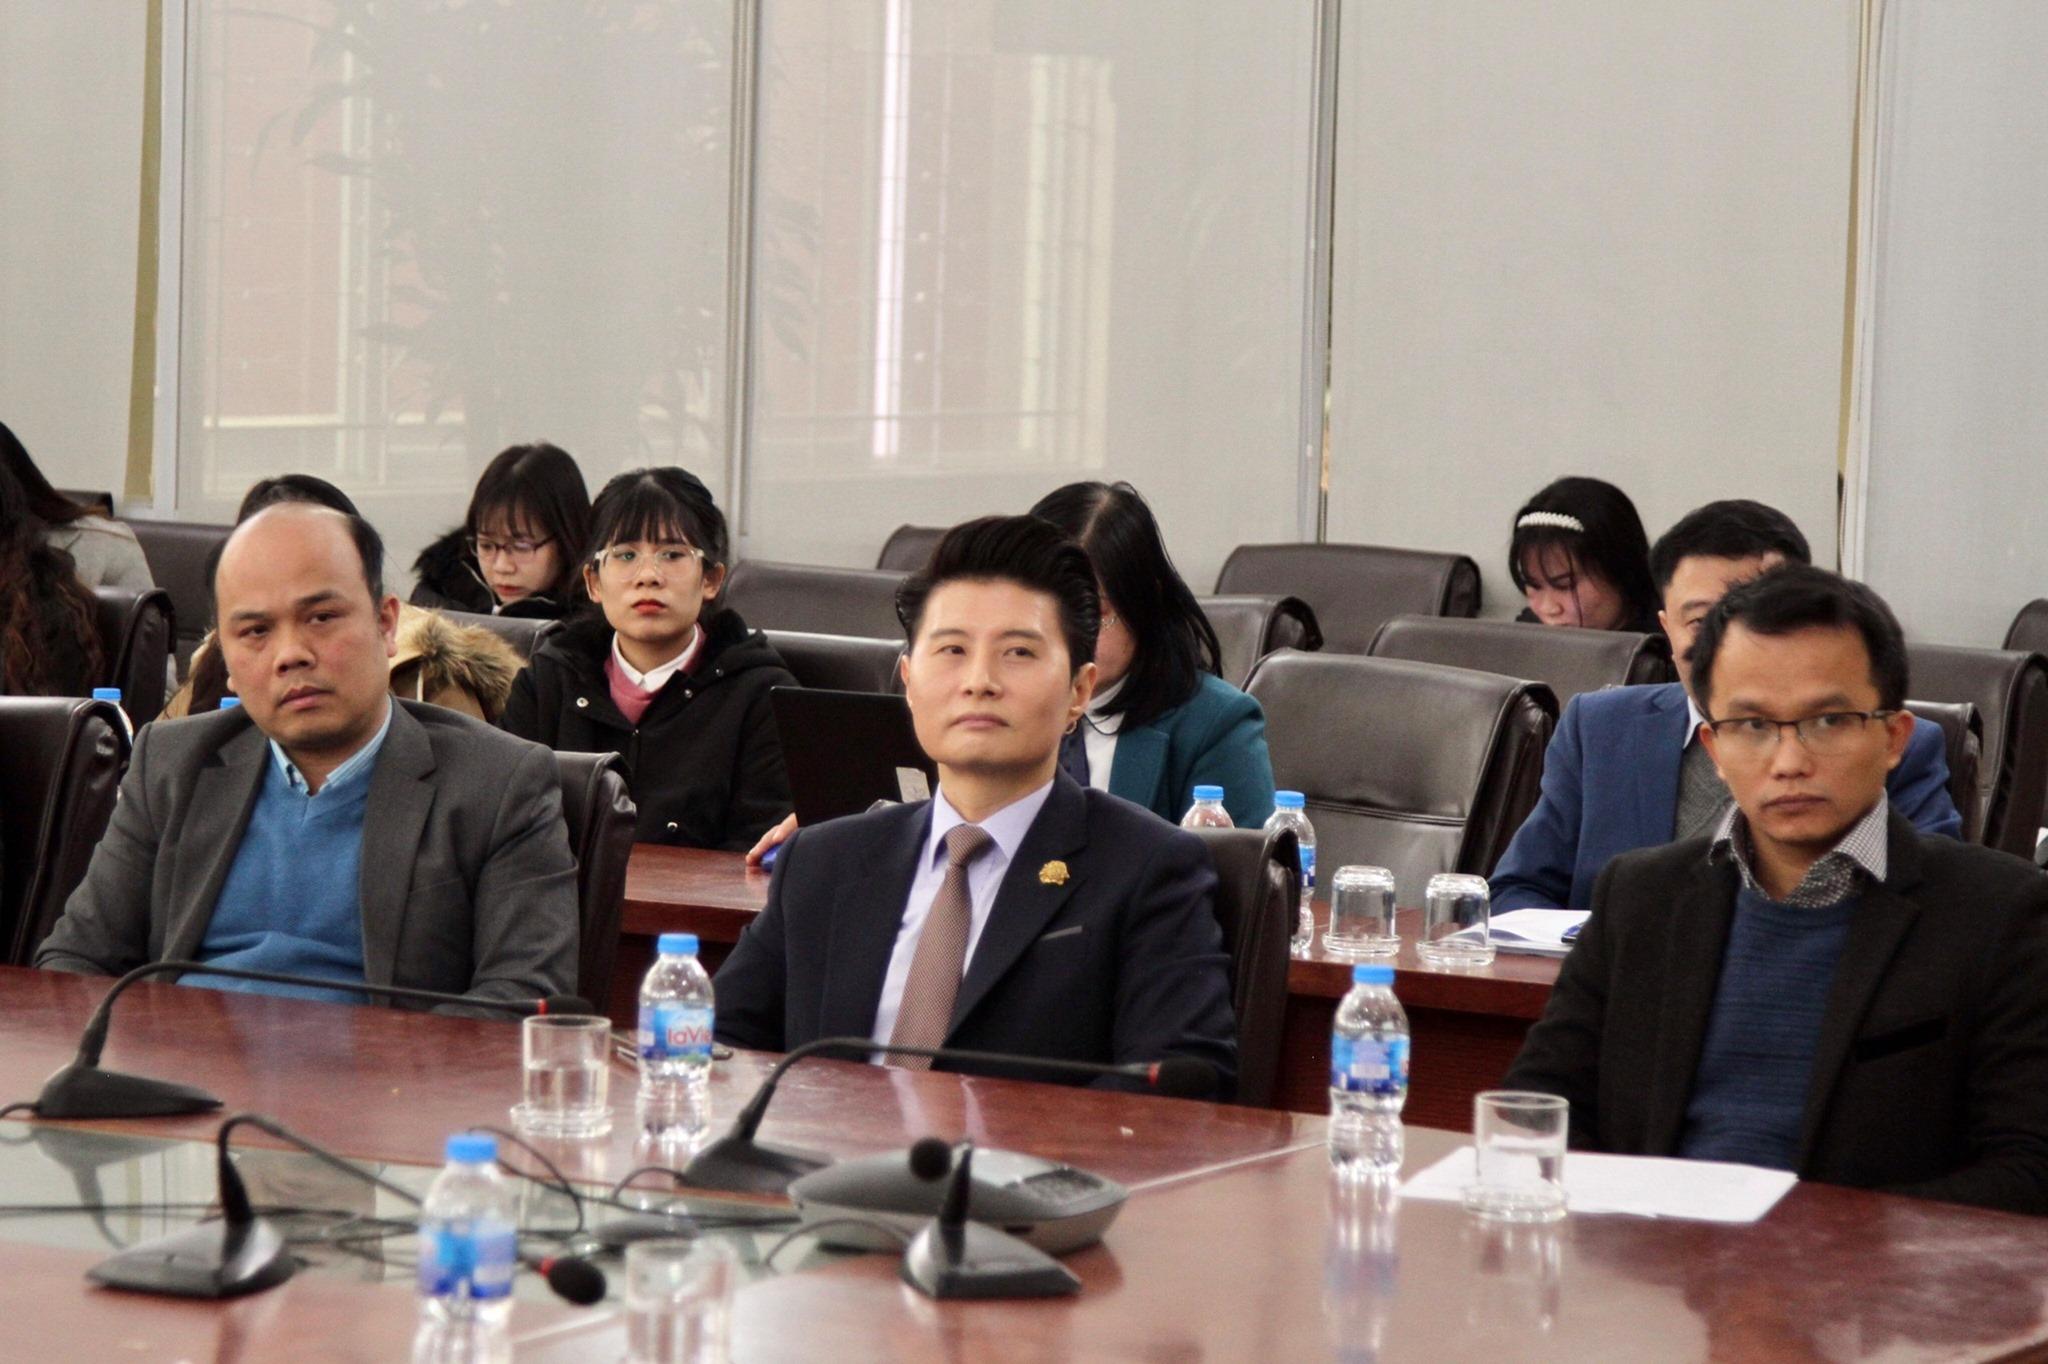 Luật sư Trần Trung Kiên tham dự Lễ khai giảng khóa đào tạo luật sư hội nhập quốc tế tại Học Viện Tư Pháp.